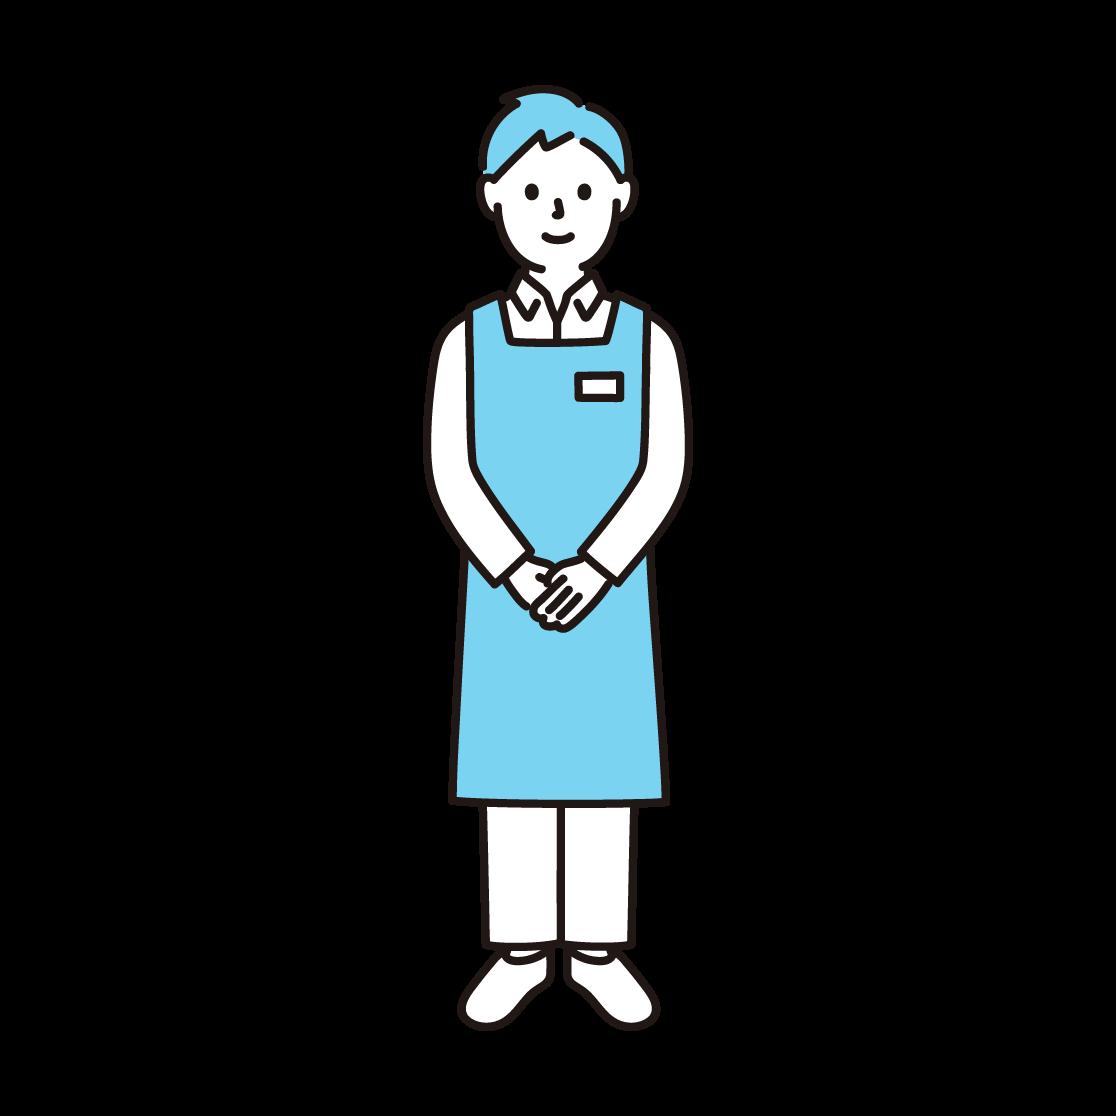 スーパーの店員(男性)の単色イラスト